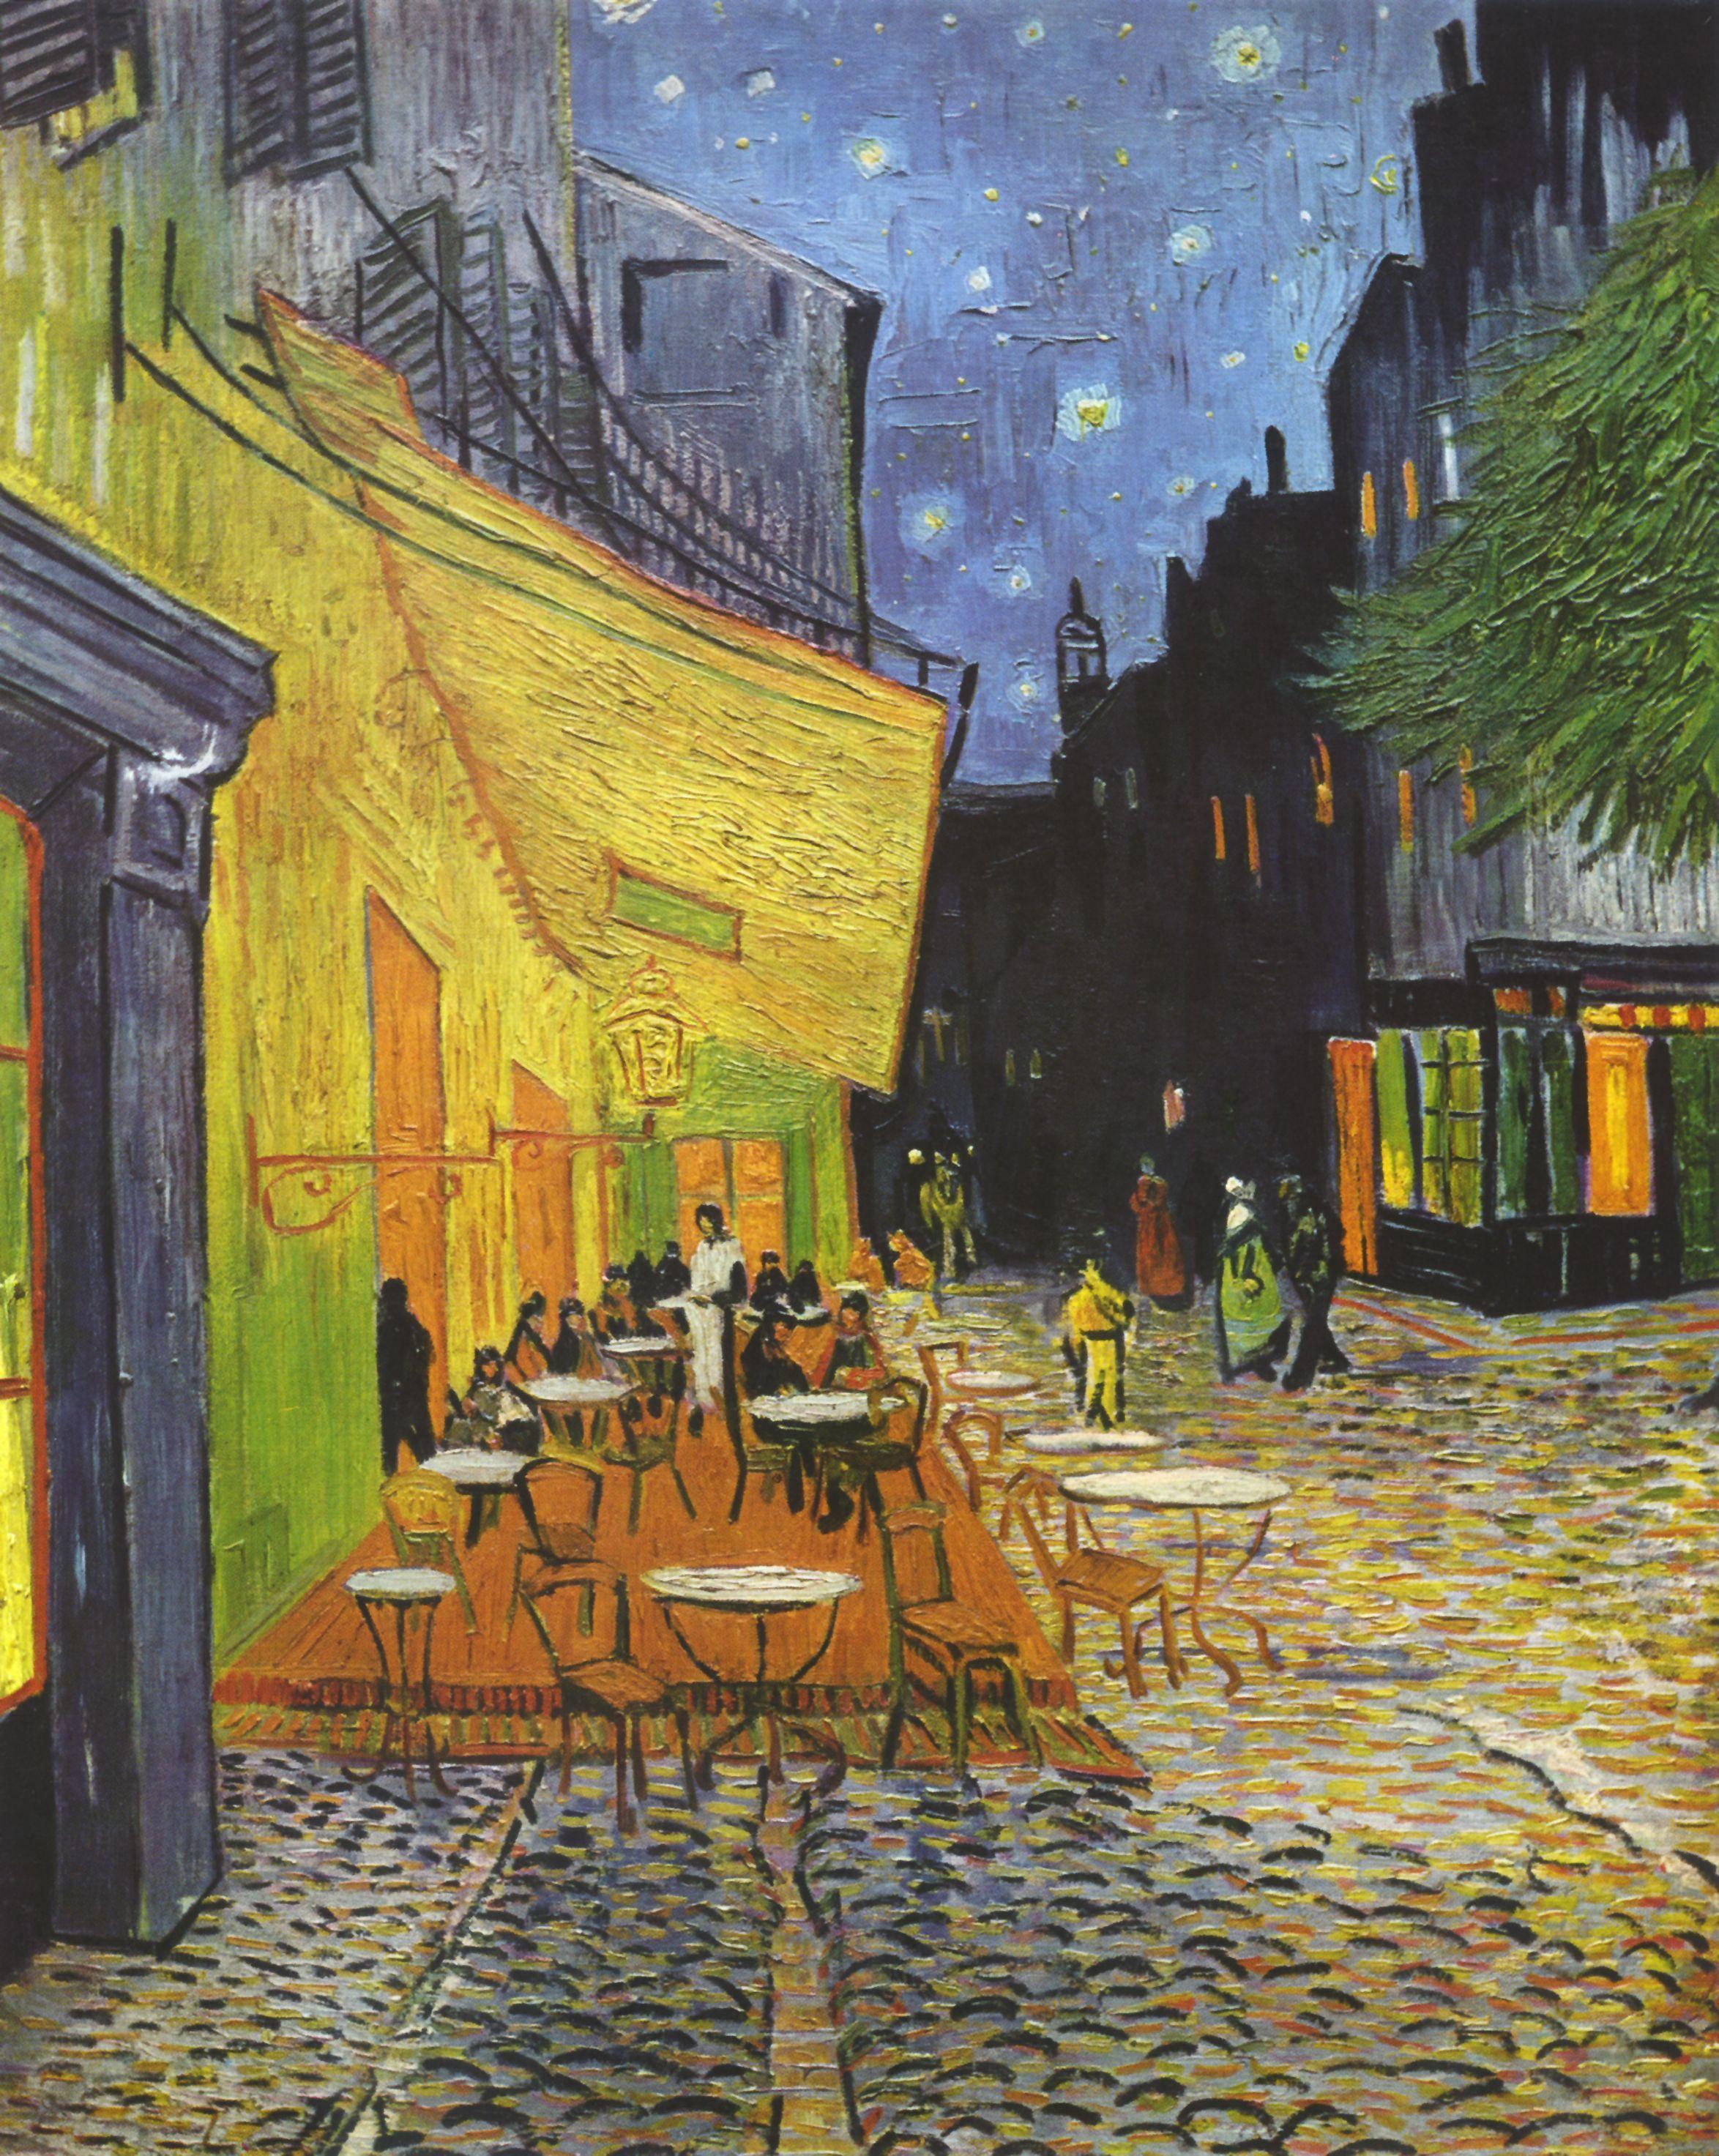 quadri più famosi di van gogh, terrazza del caffè la sera